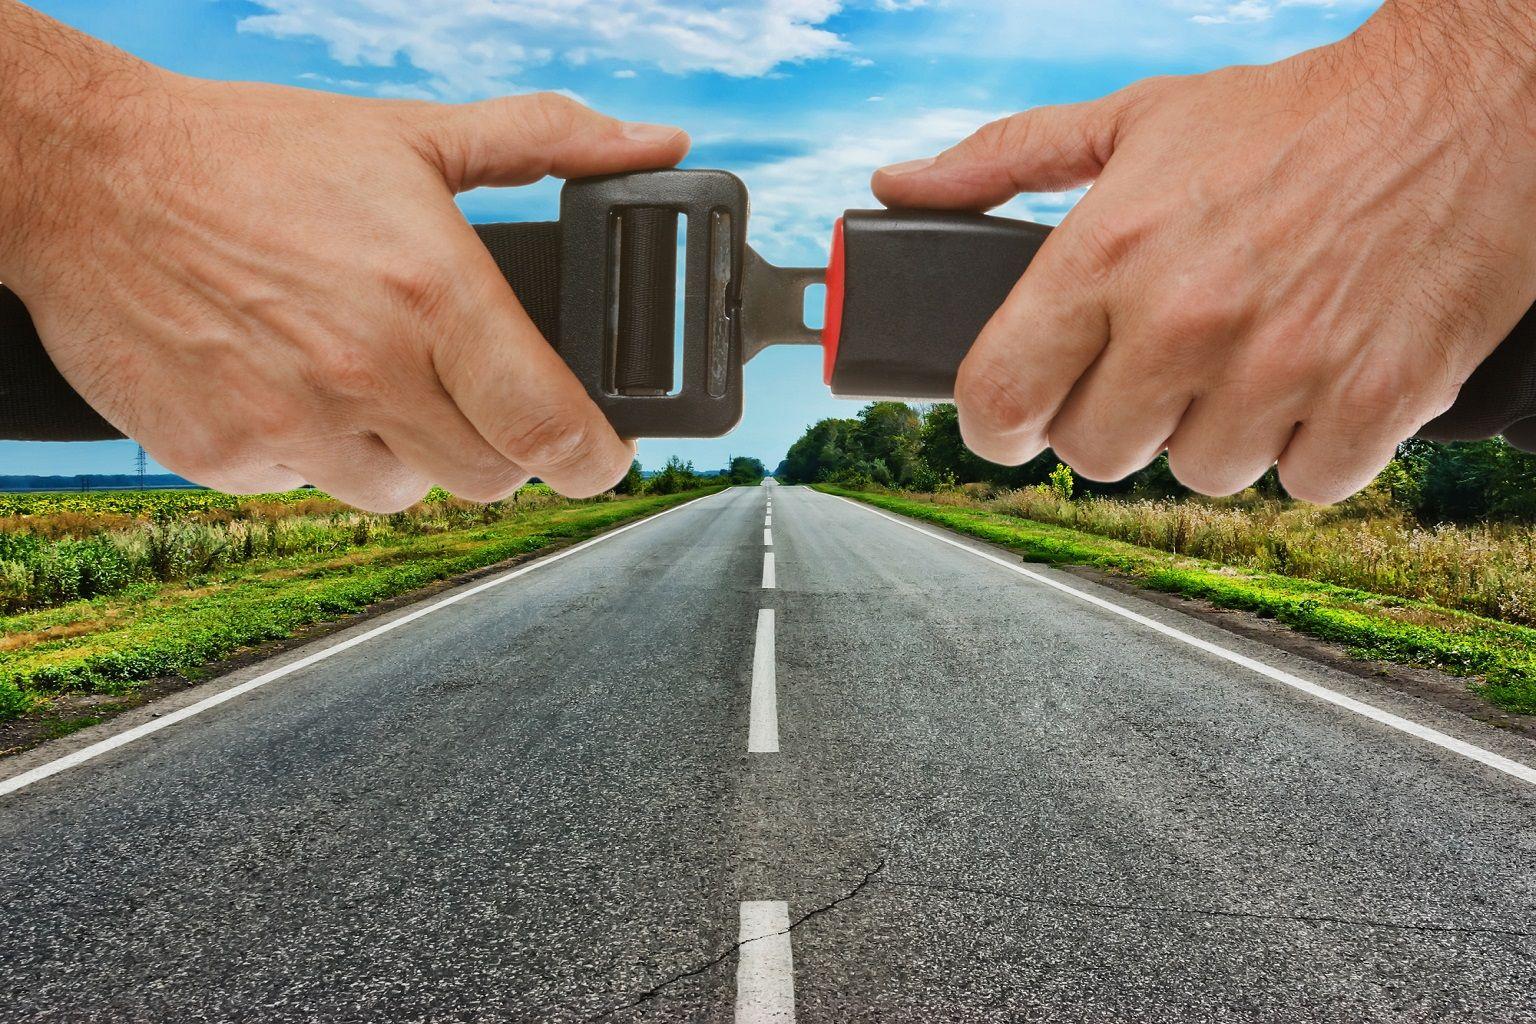 Piano Nazionale della Sicurezza Stradale (PNSS): Bando per l'assegnazione di cofinanziamenti a favore dei piccoli comuni per la realizzazione di progetti infrastrutturali volti al miglioramento della sicurezza stradale.